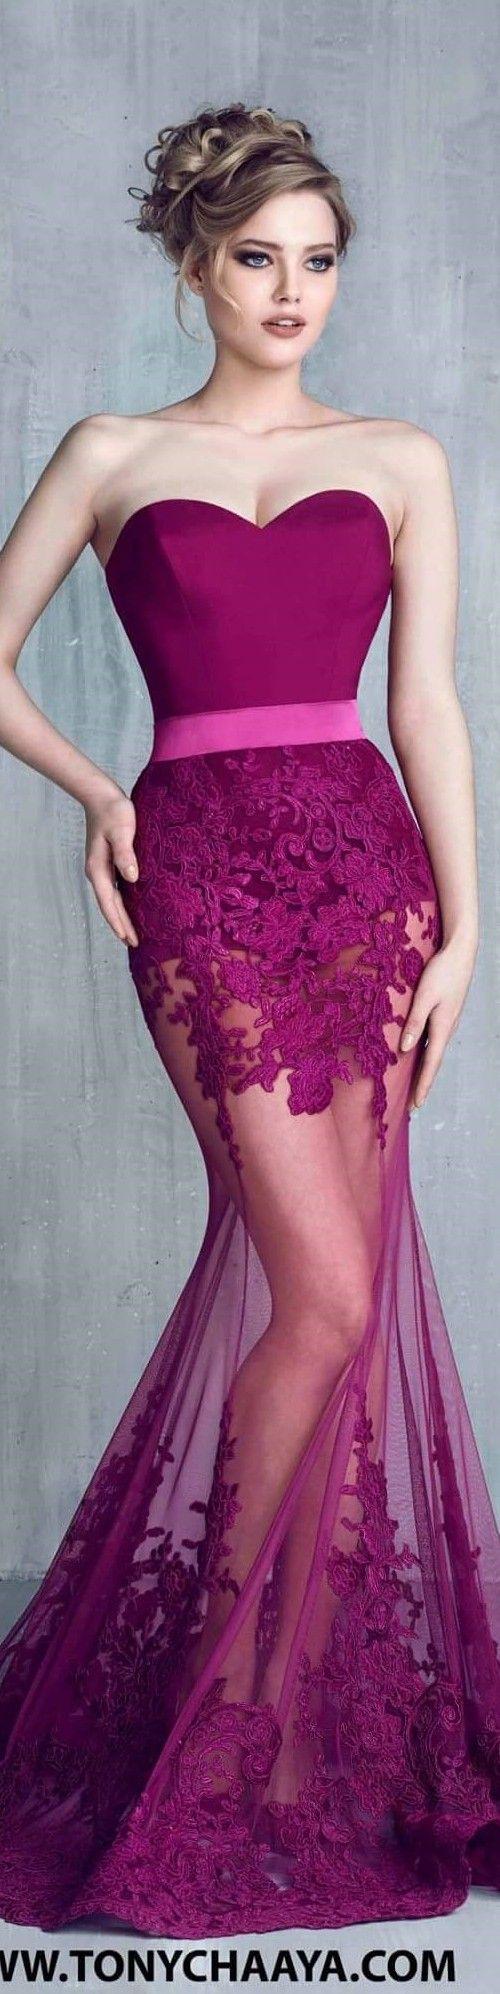 Vestido | Vestidos de noche | Pinterest | Vestiditos, Couture y ...